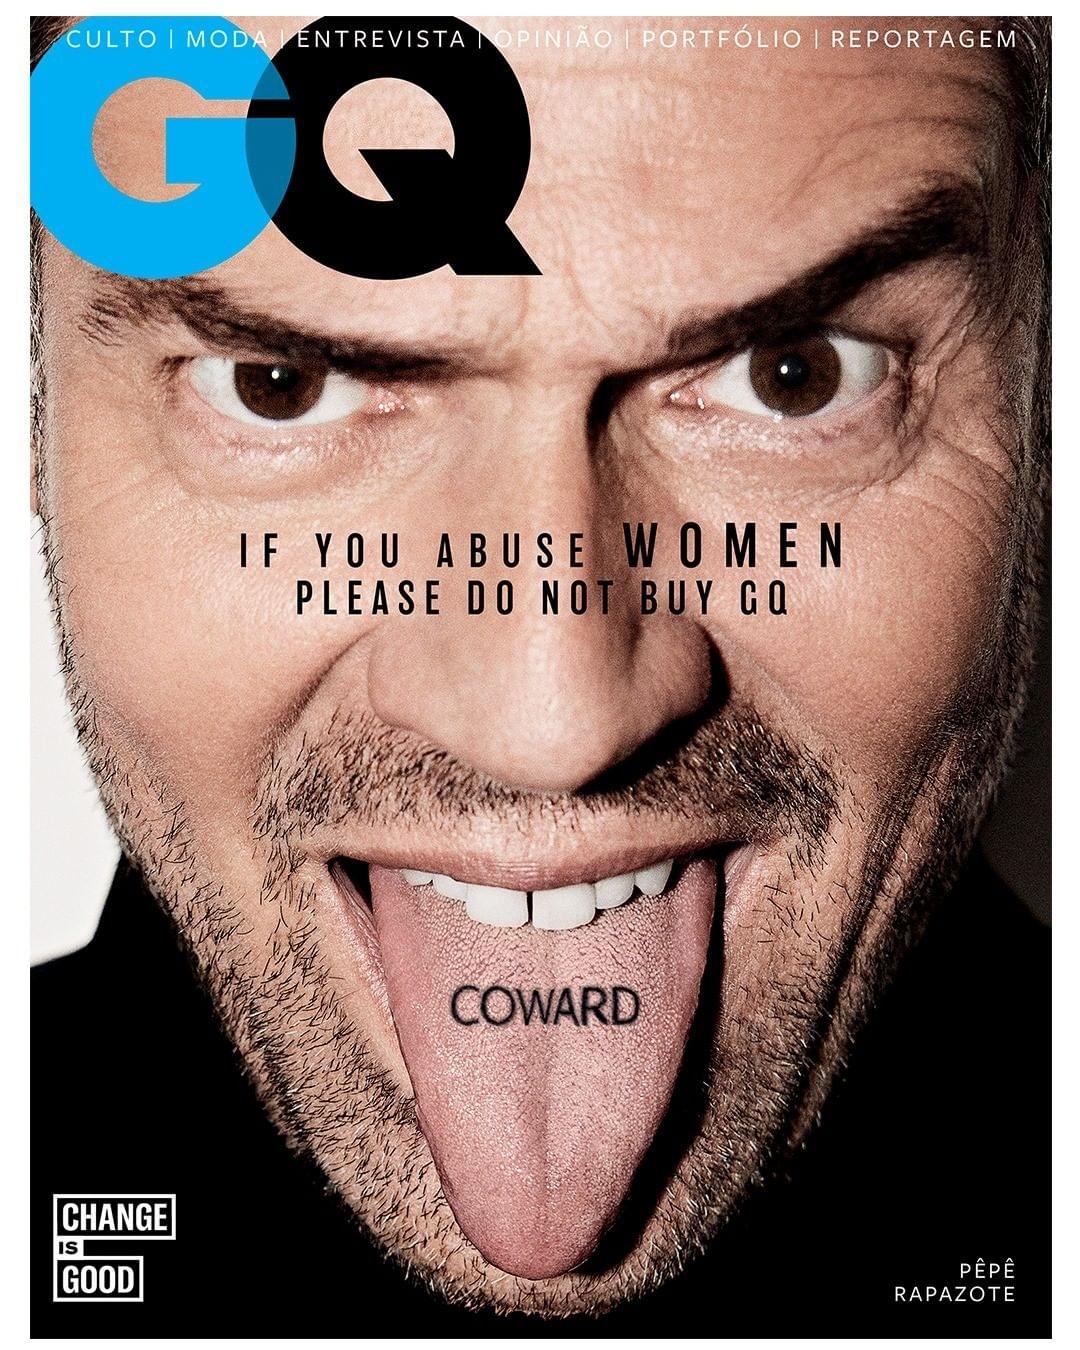 Португальский GQ посвятил новый номер борьбе с домашним насилием - фото №1